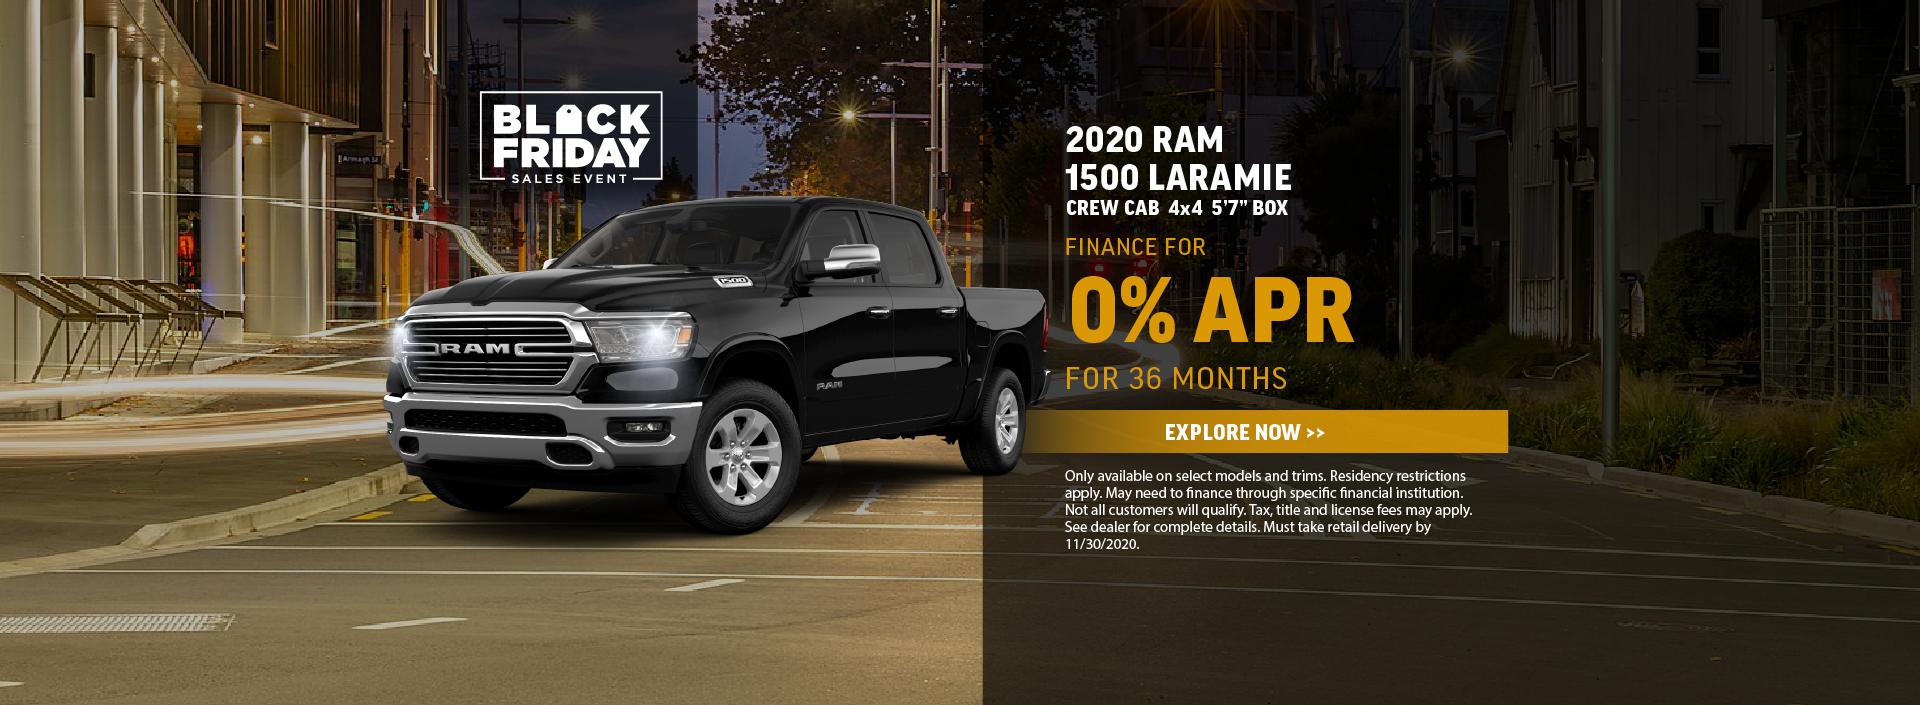 2020 Ram 1500 Offer